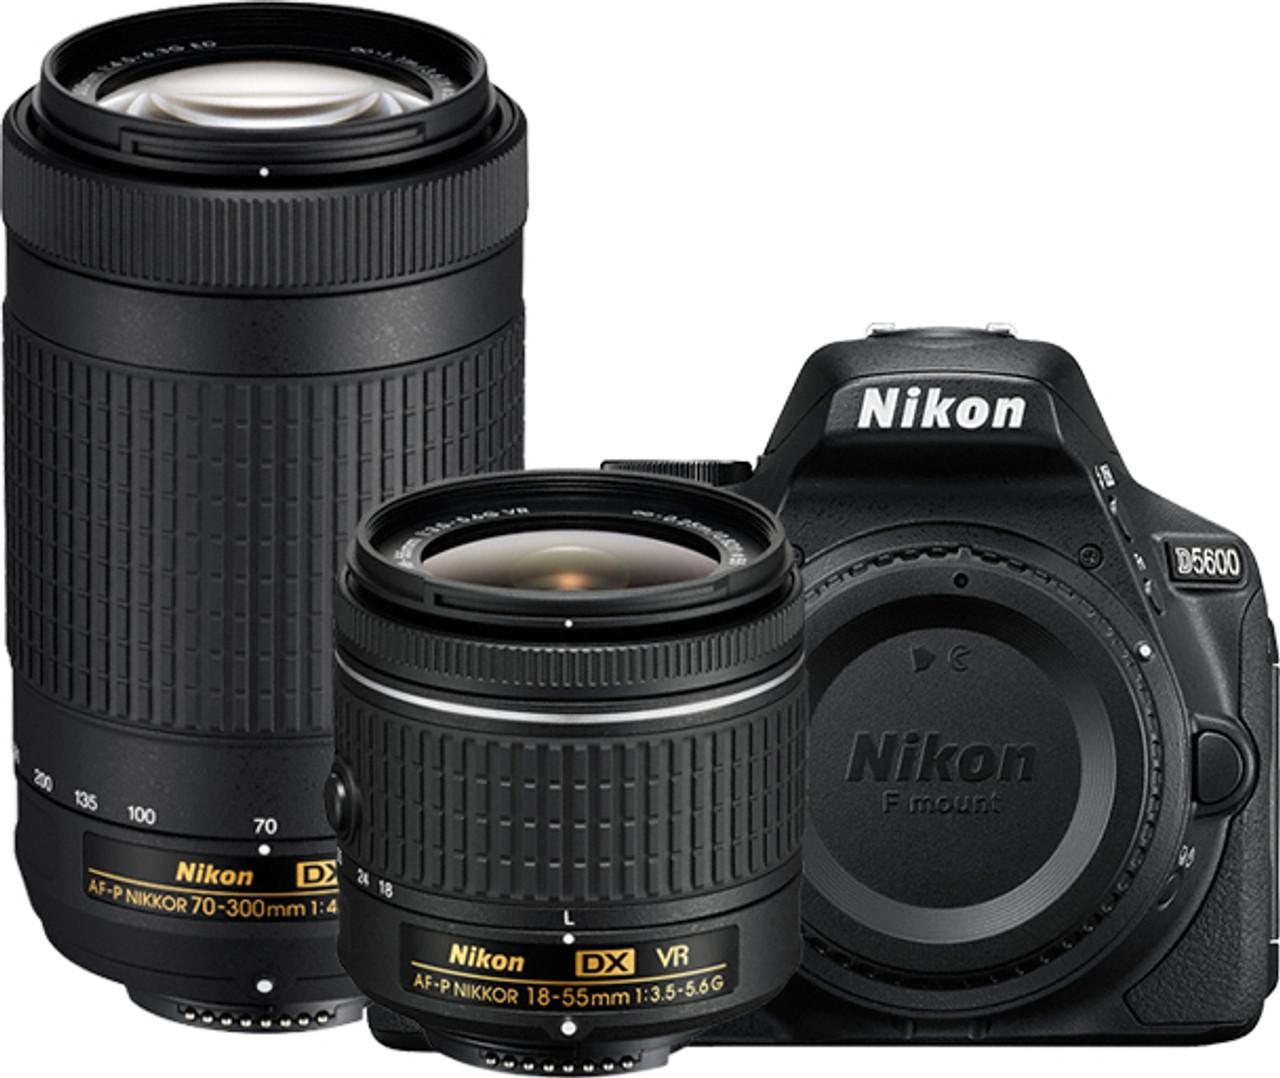 Nikon D5600 Two Lens Kit - AF-P DX Nikkor 18-55mm VR and AF-P DX Nikkor 70-300mm